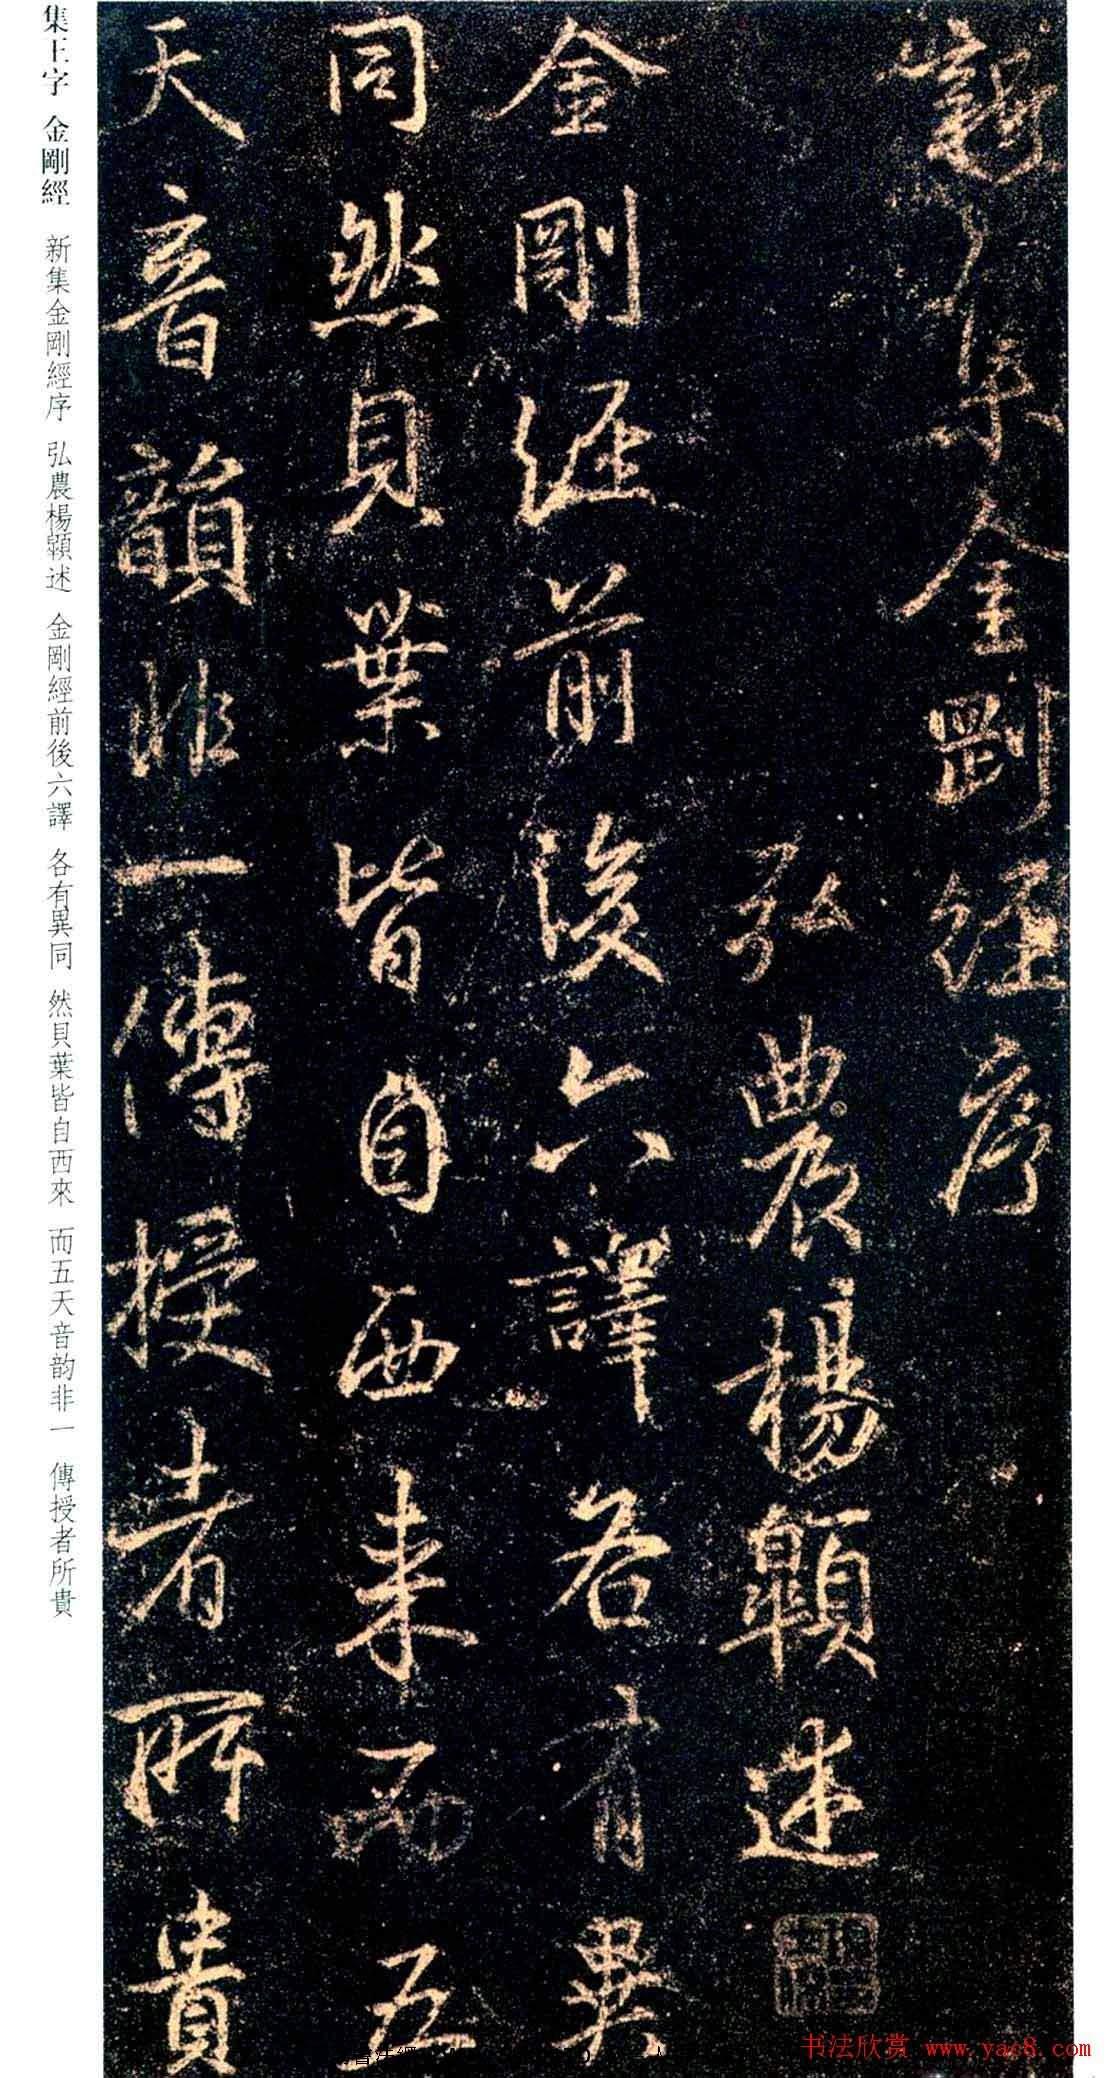 唐代行書碑刻《新集王羲之書金剛經》(共111張圖片)